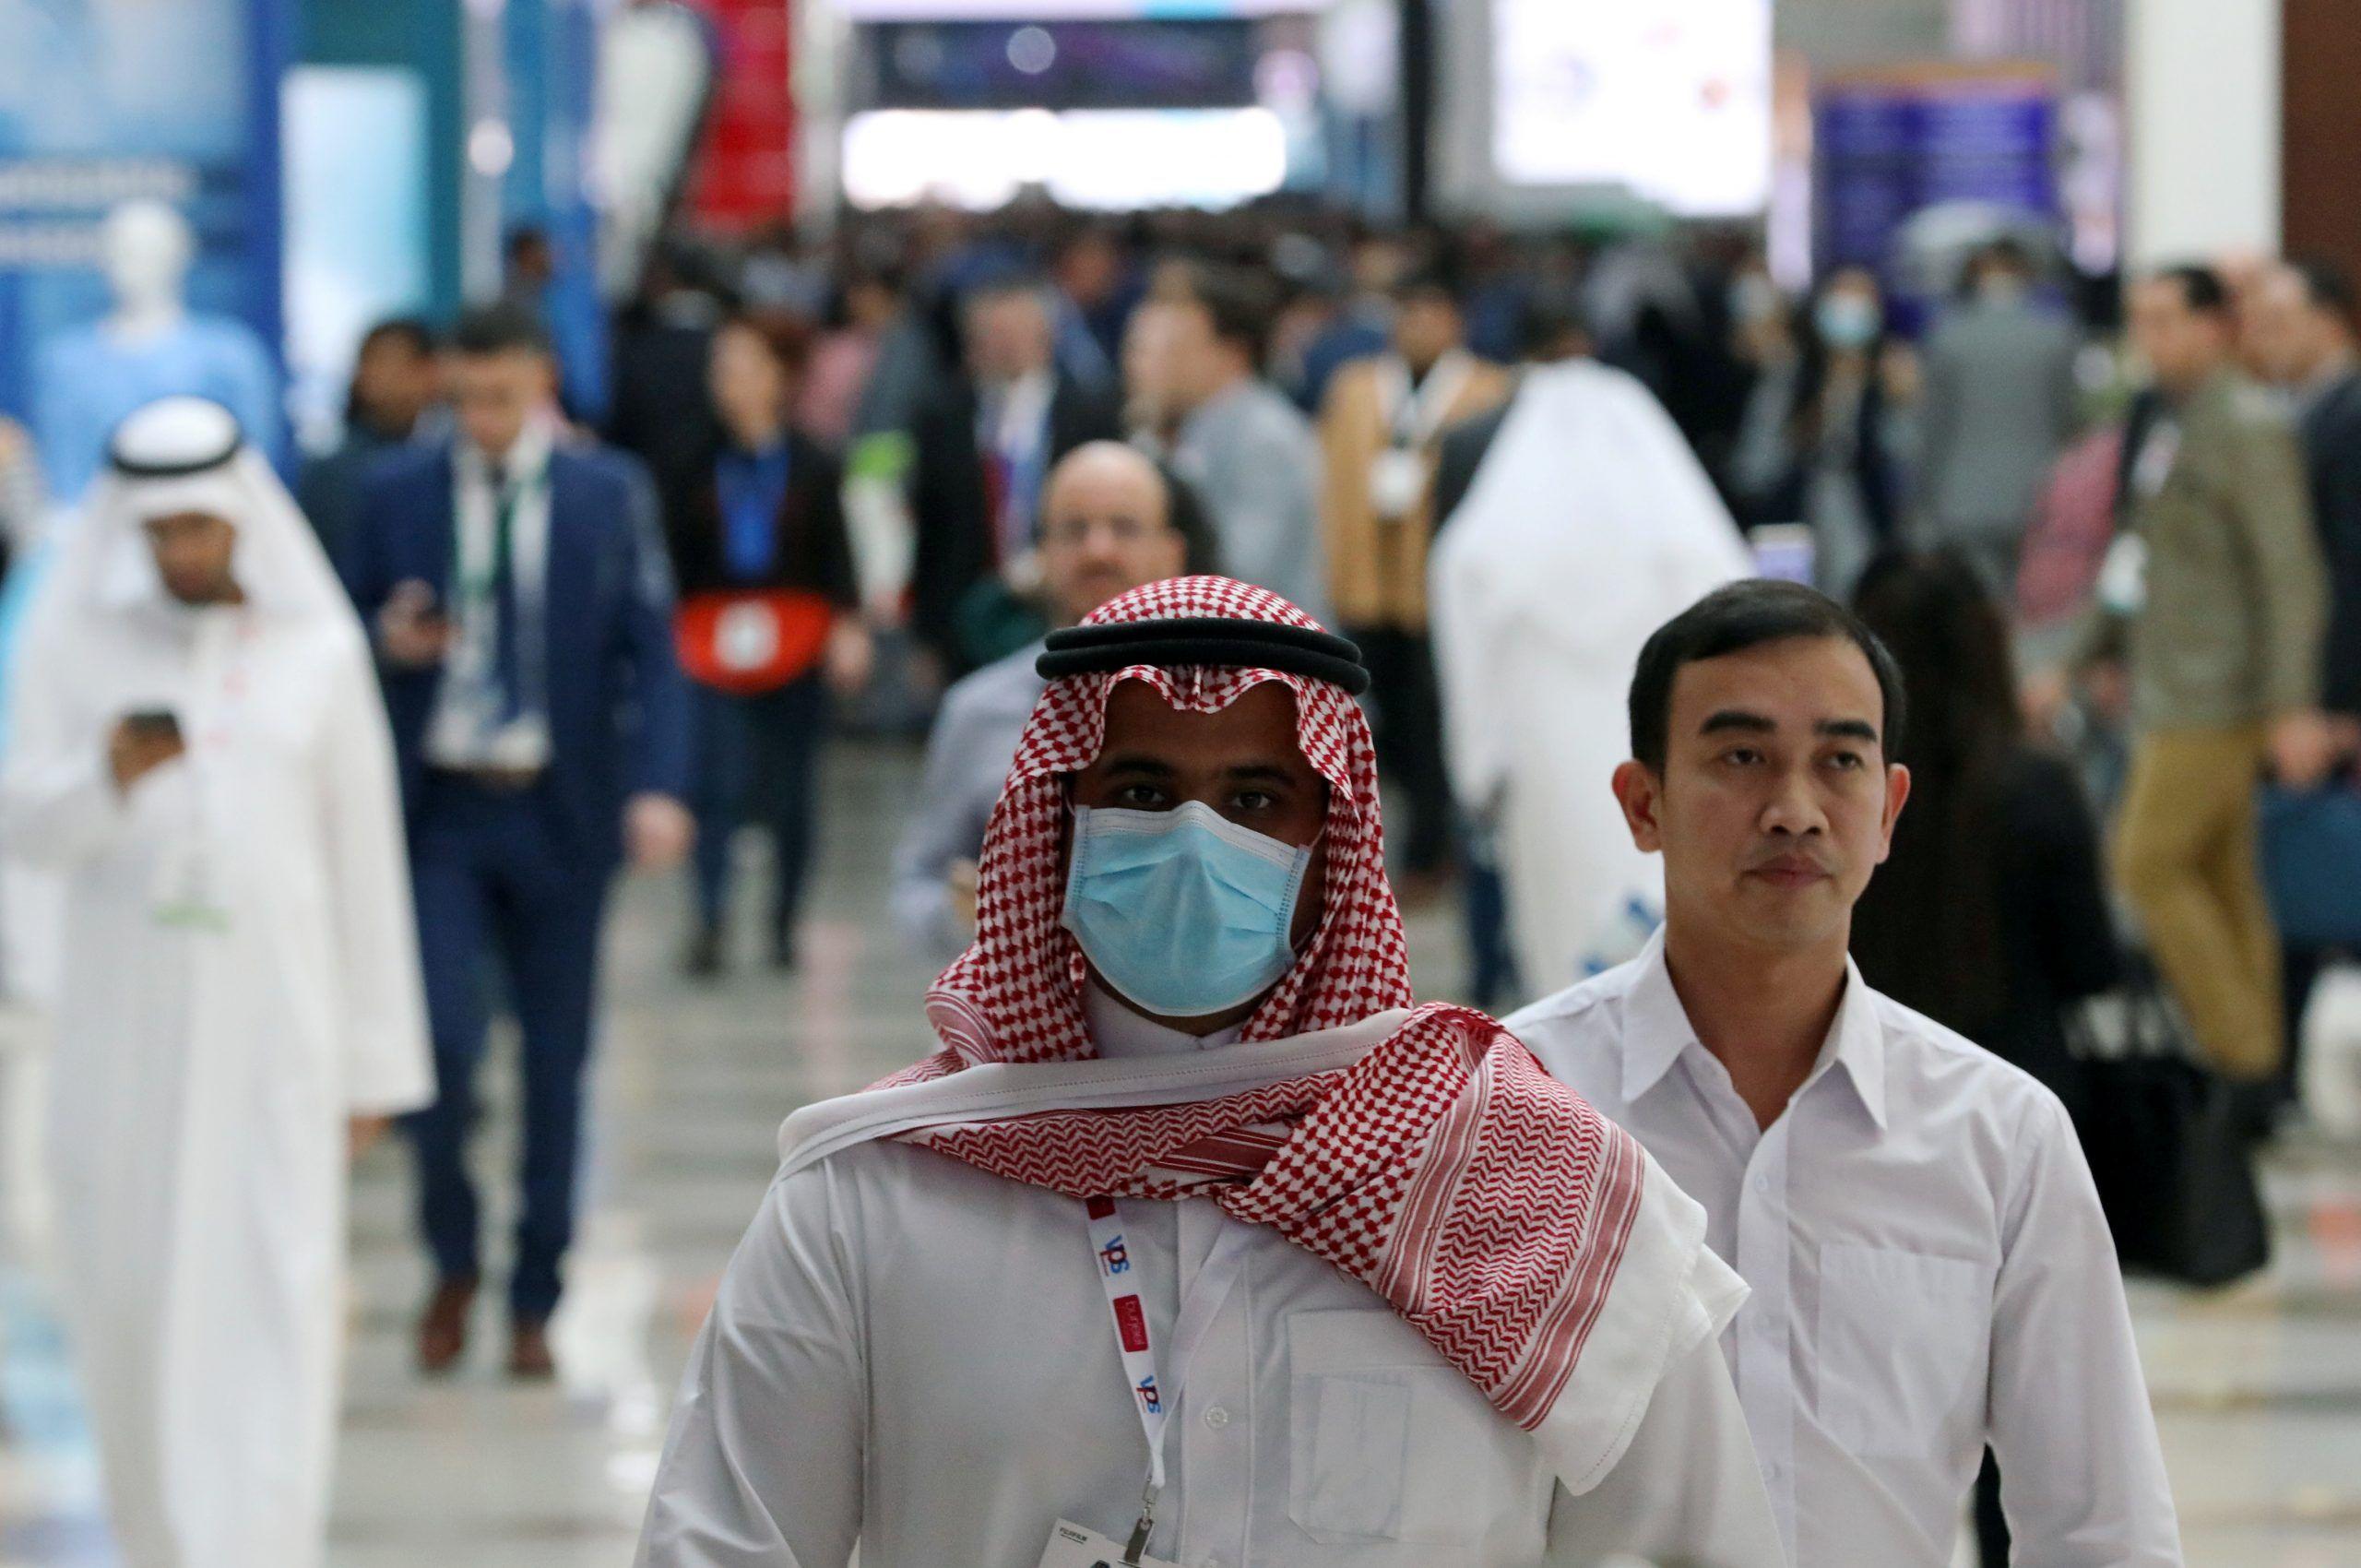 السعودية تسجل 1870 حالة شفاء من فيروس كورونا - عالم واحد - العرب ...